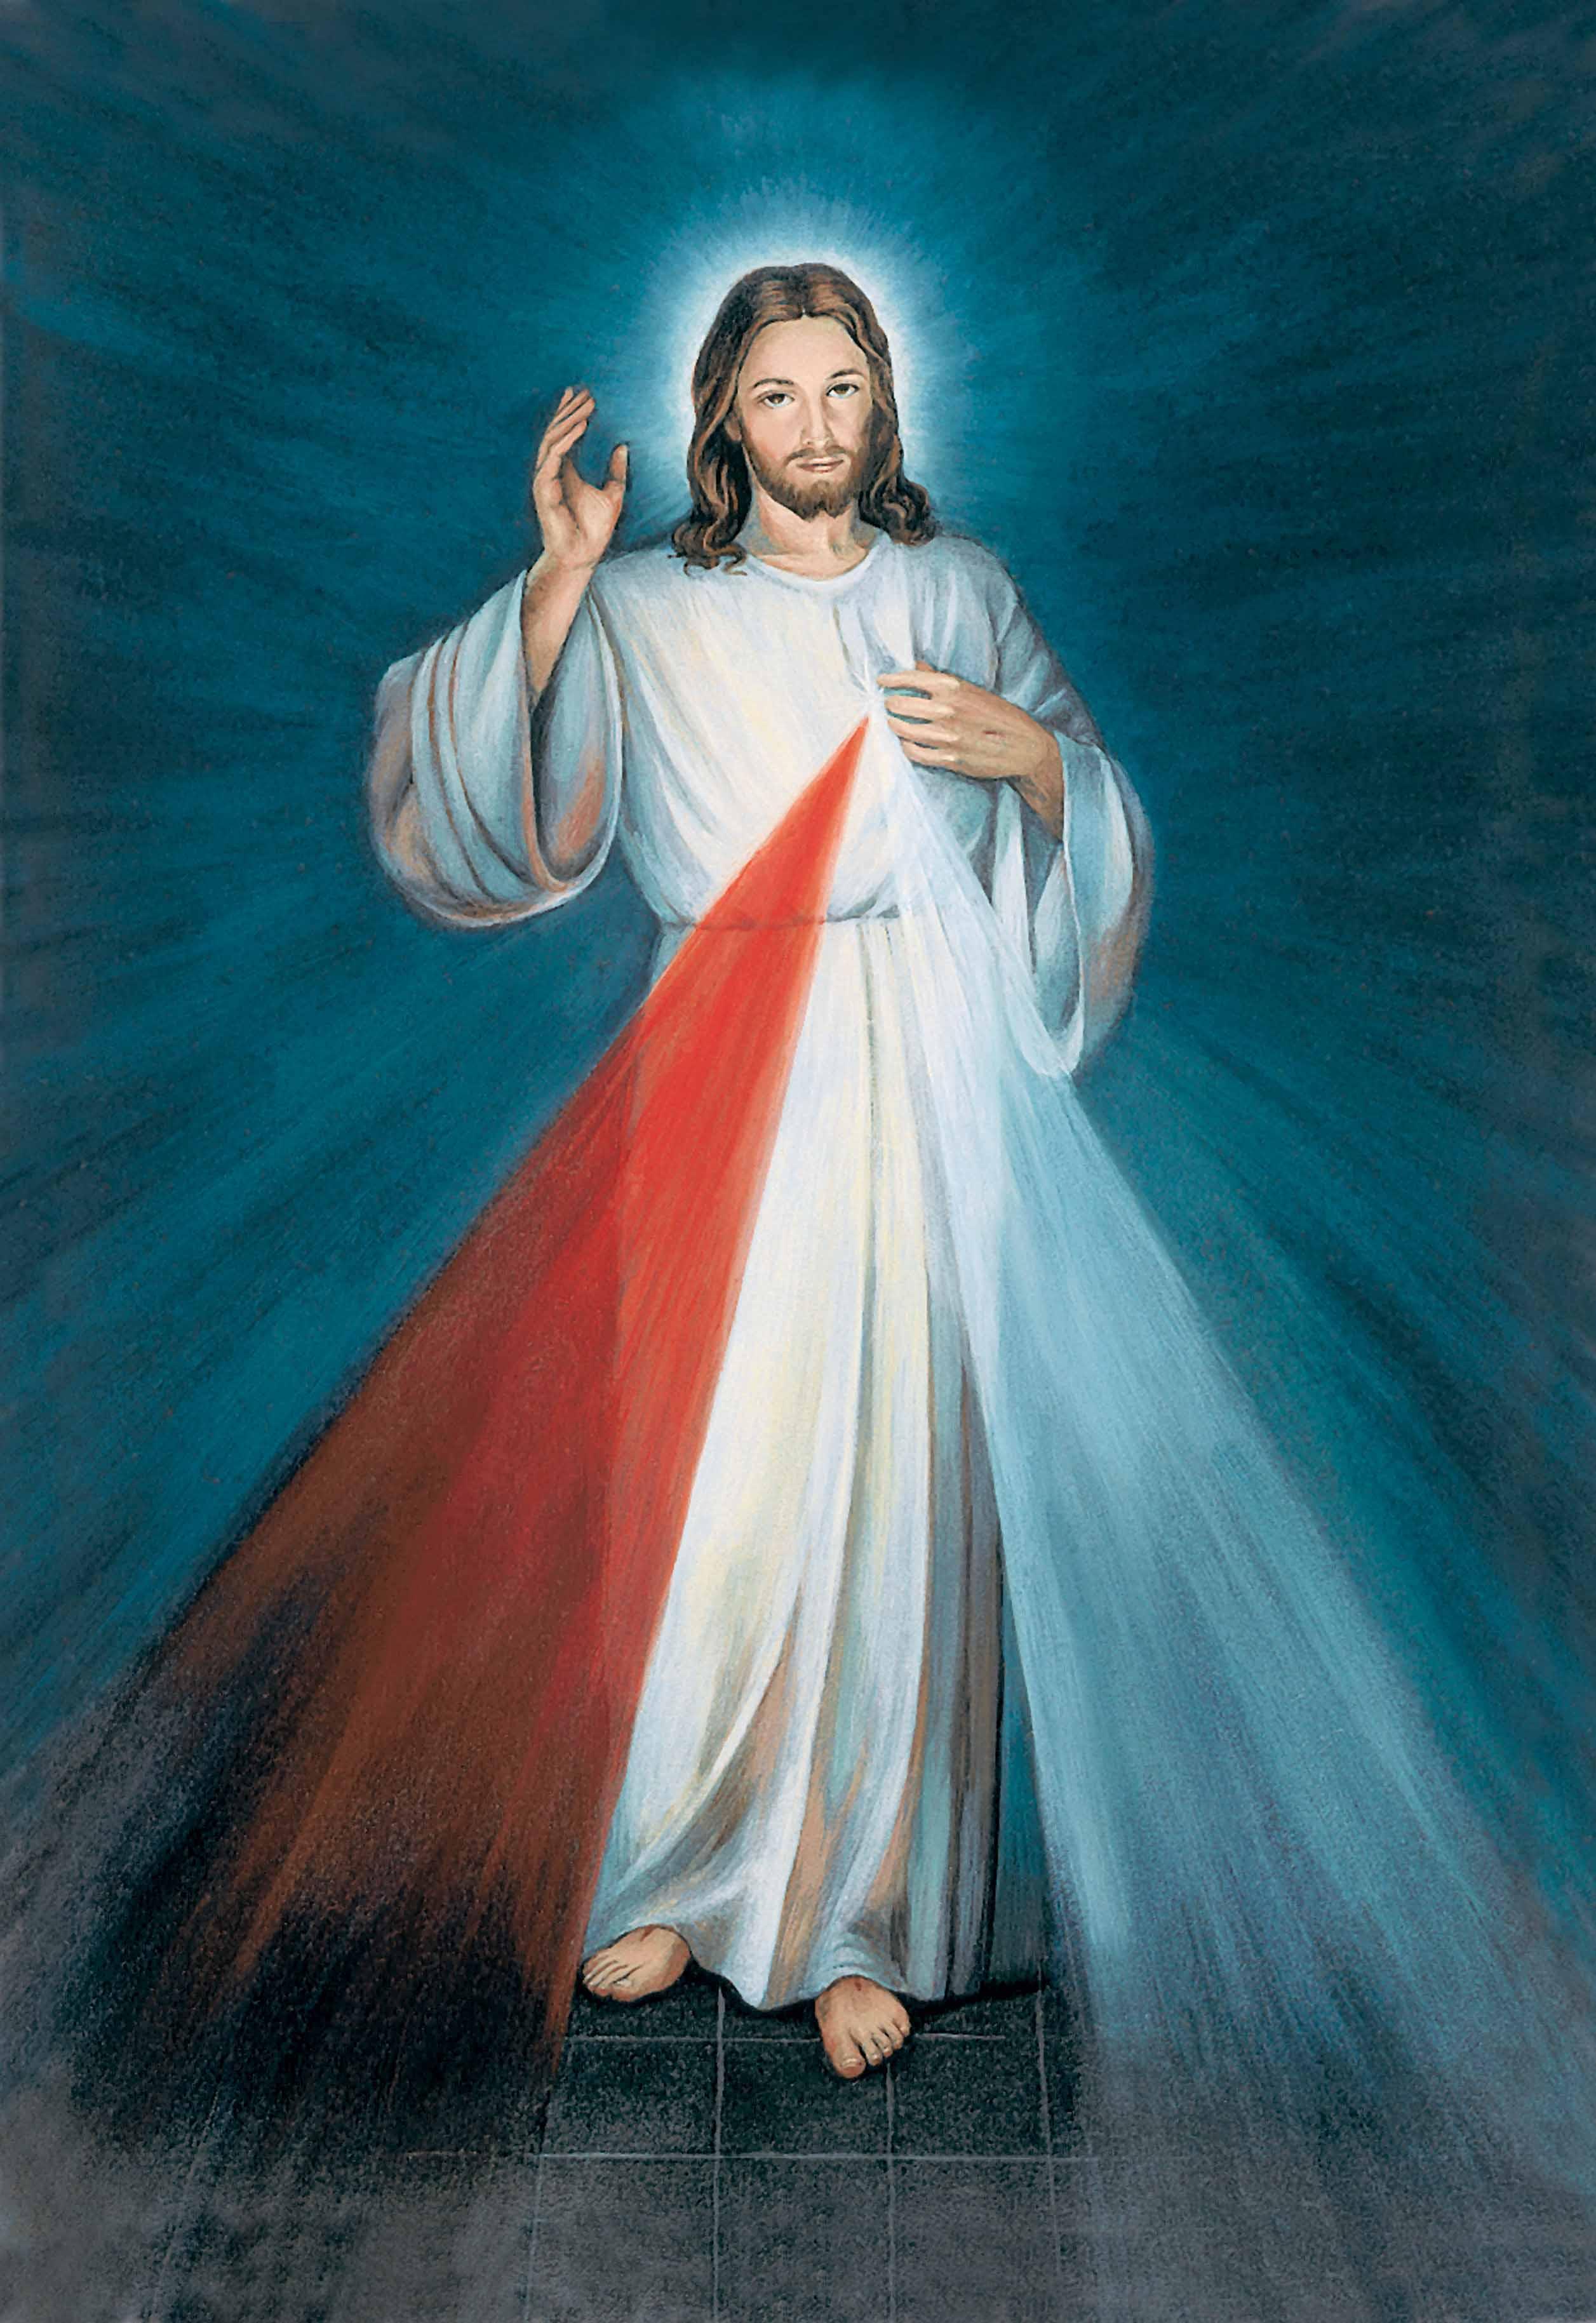 Ảnh Chúa Giêsu cực đẹp